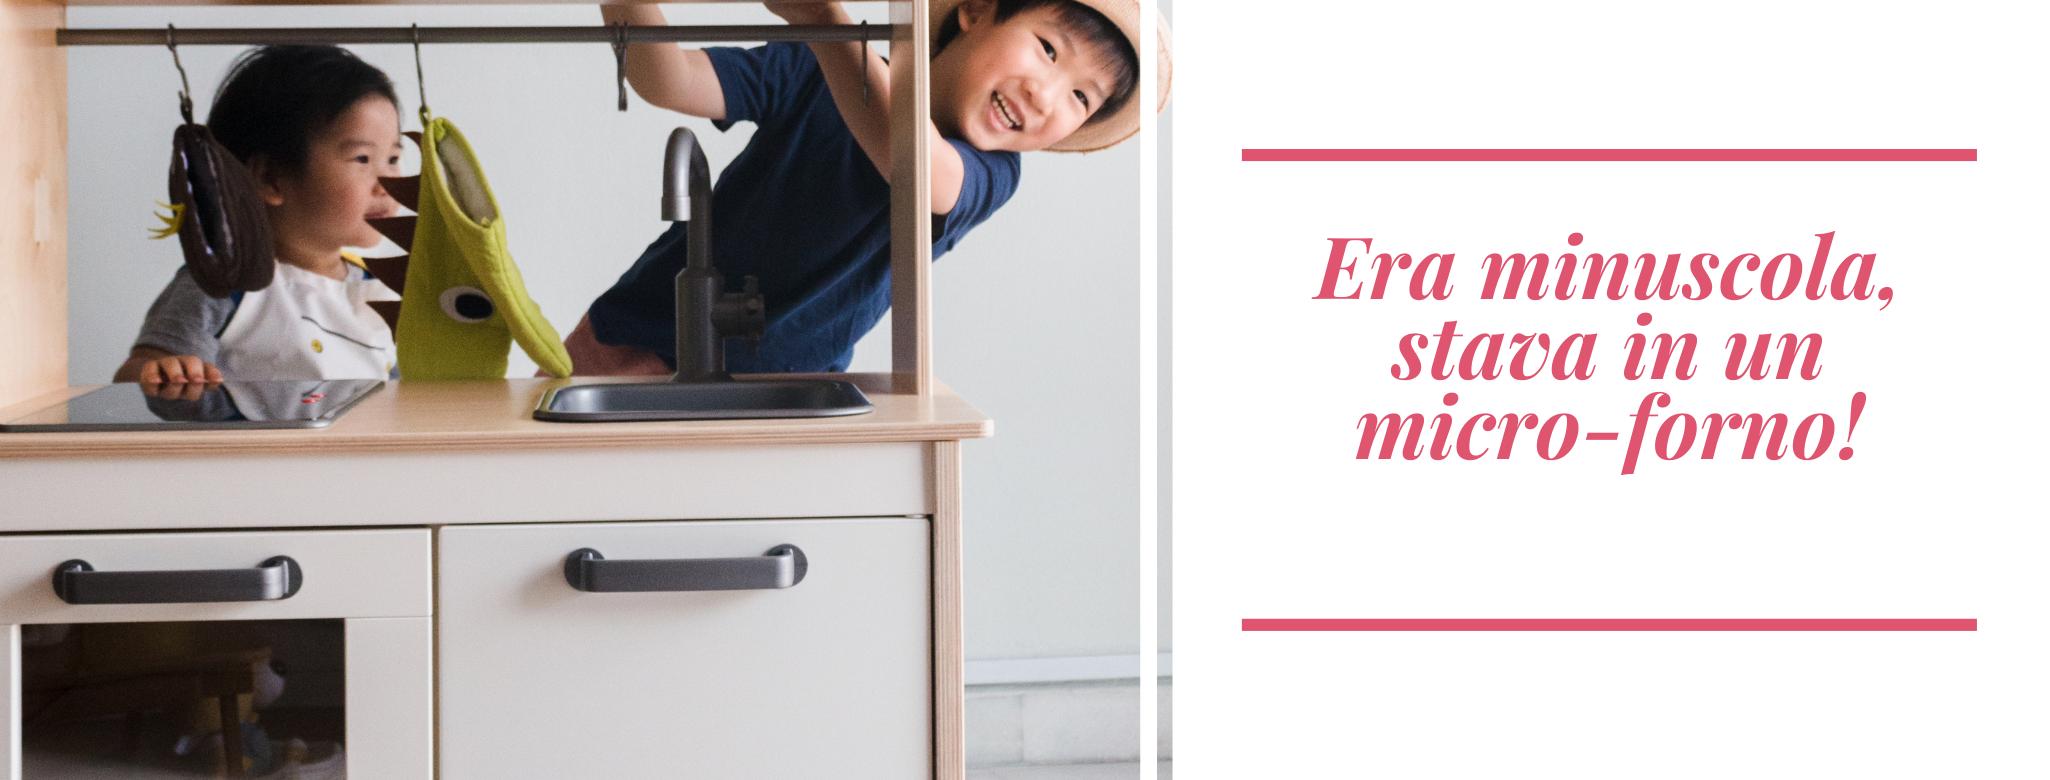 immagine di bambini nascosti dietro una cucina-giocattolo e scritta: Era minuscola, stava in un micro-forno!